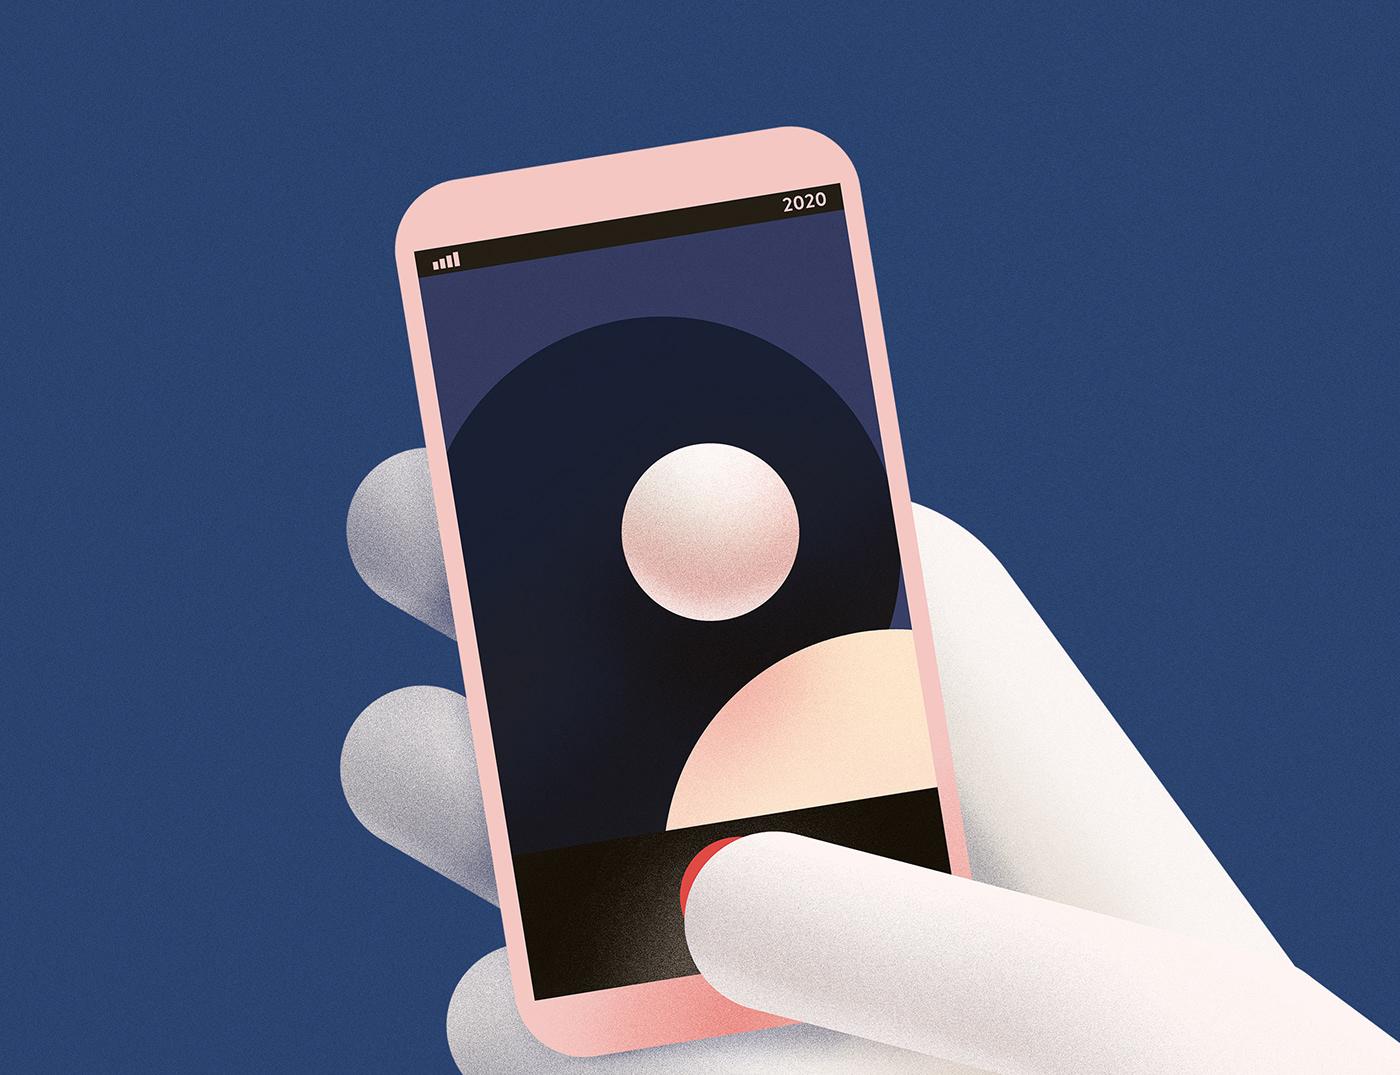 Image may contain: iPod, abstract and screenshot